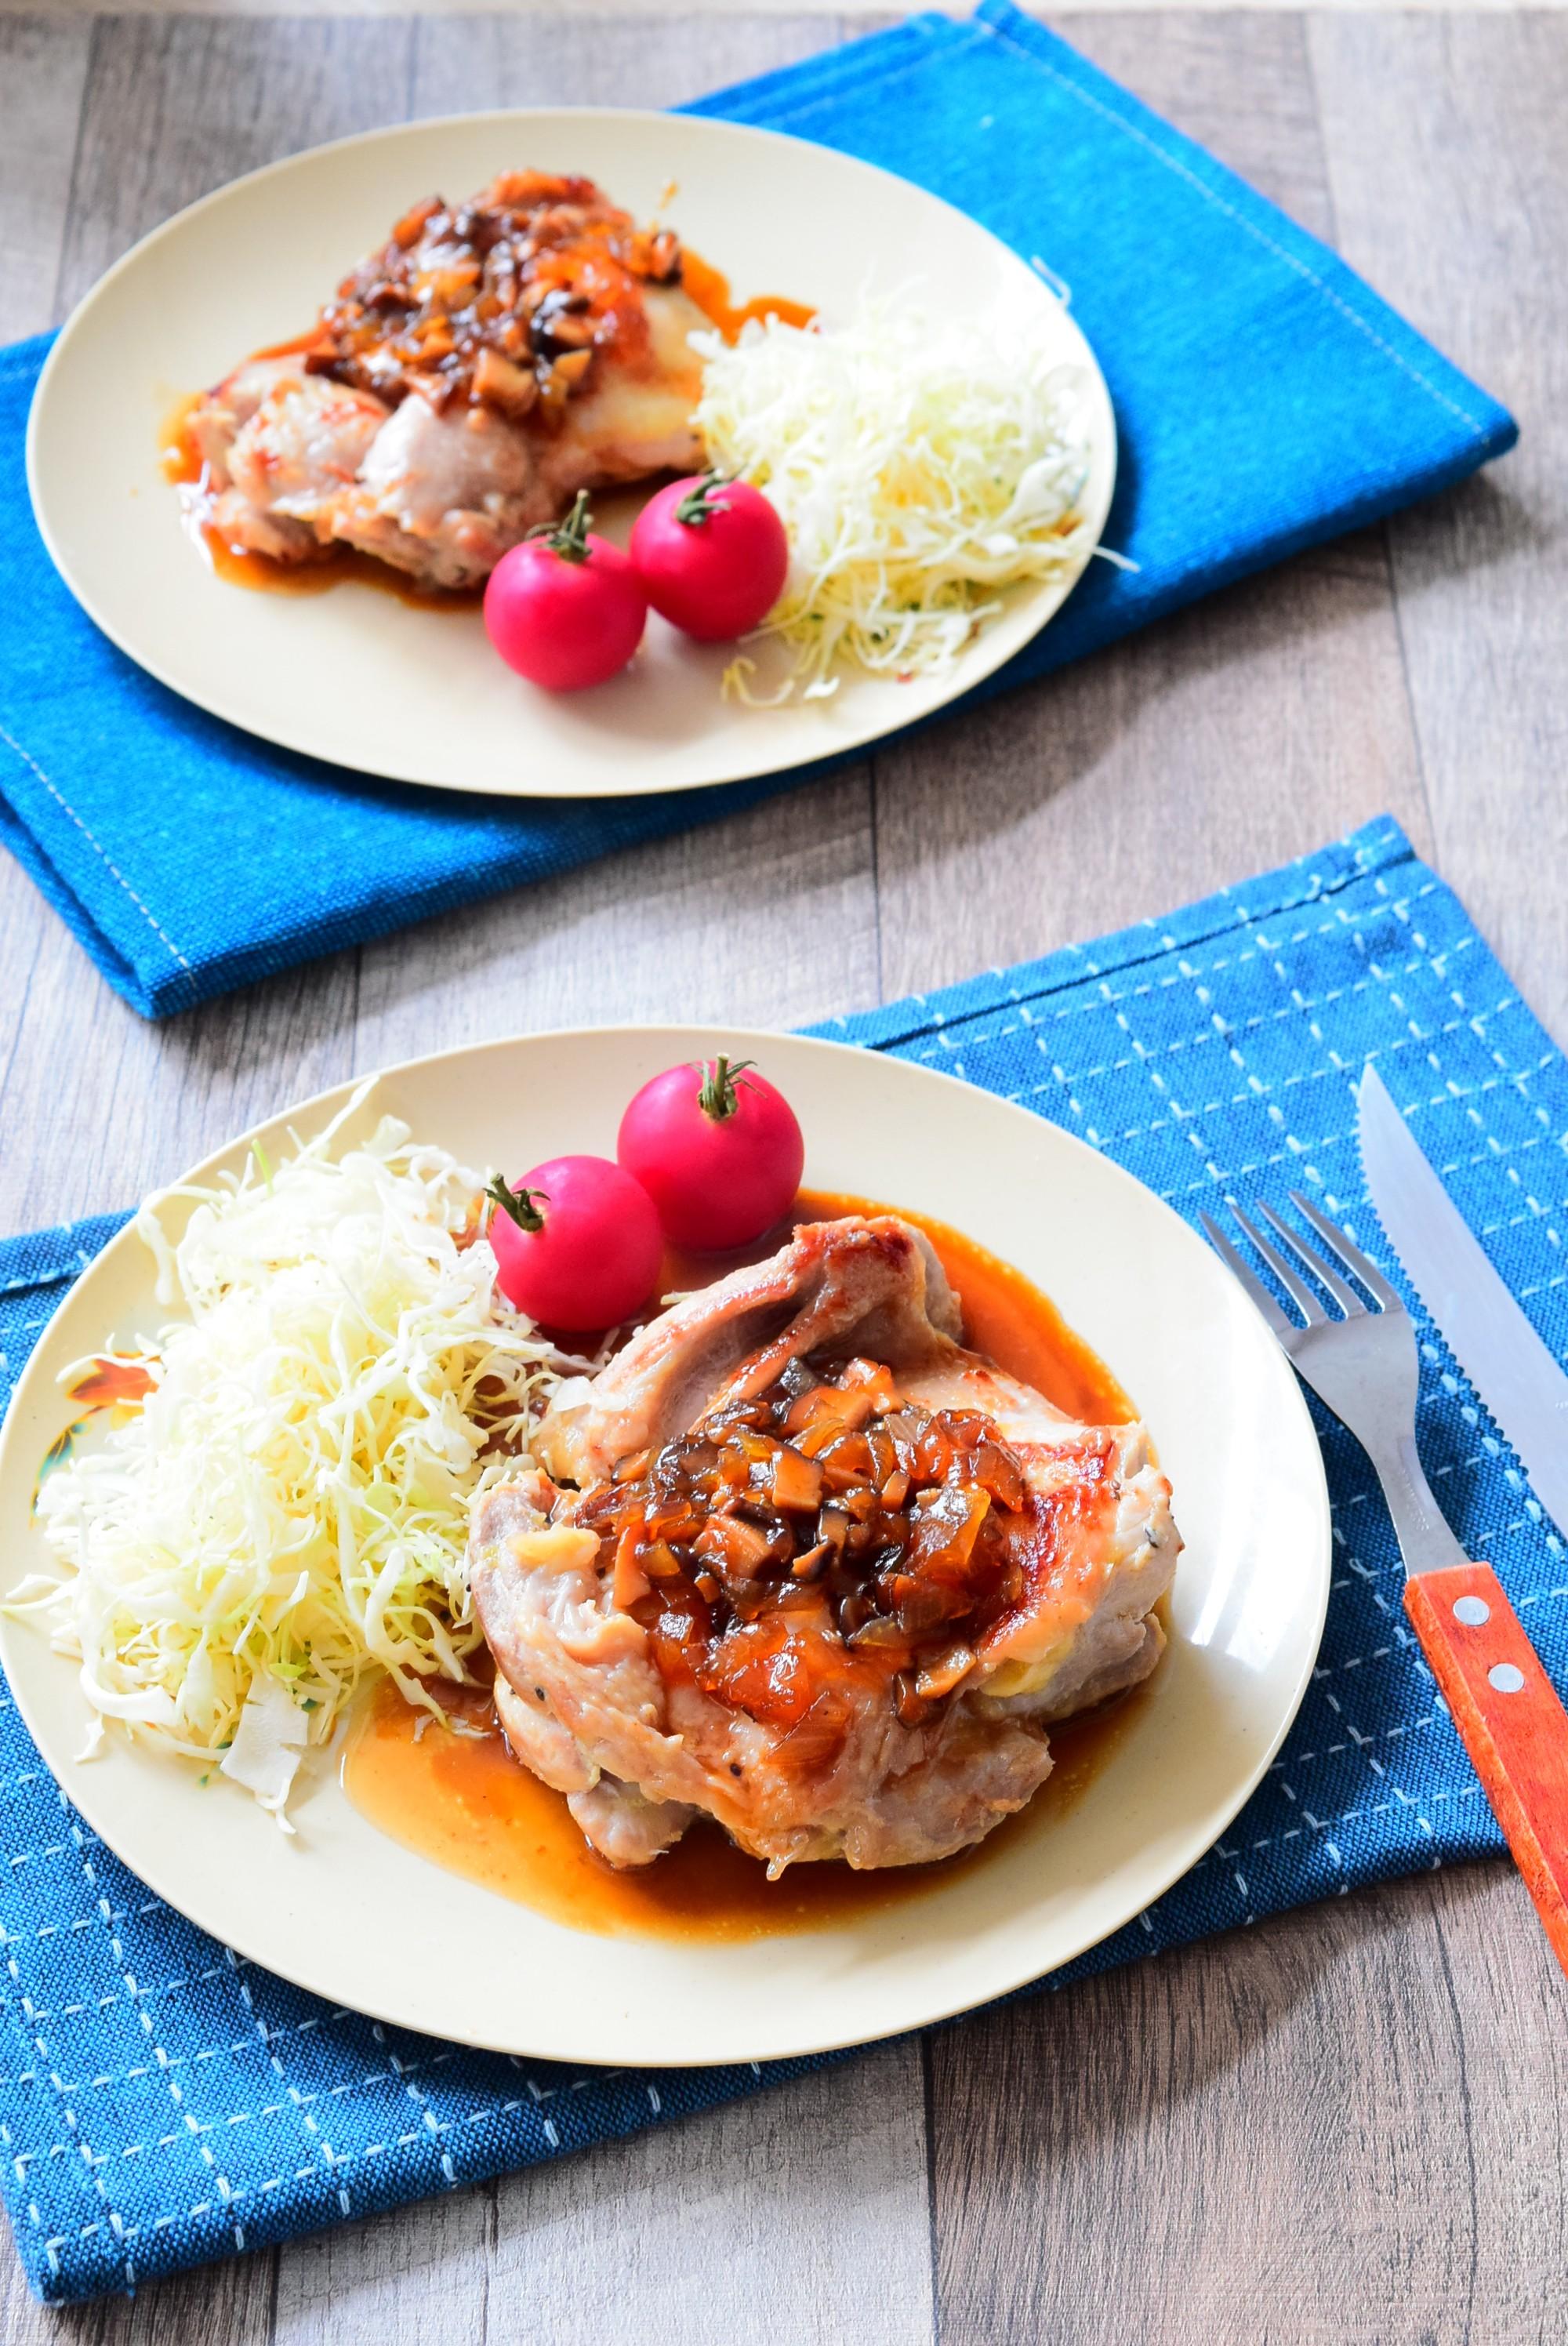 キウイ漬け!柔らか鶏ももステーキの野菜ソースがけのレシピ